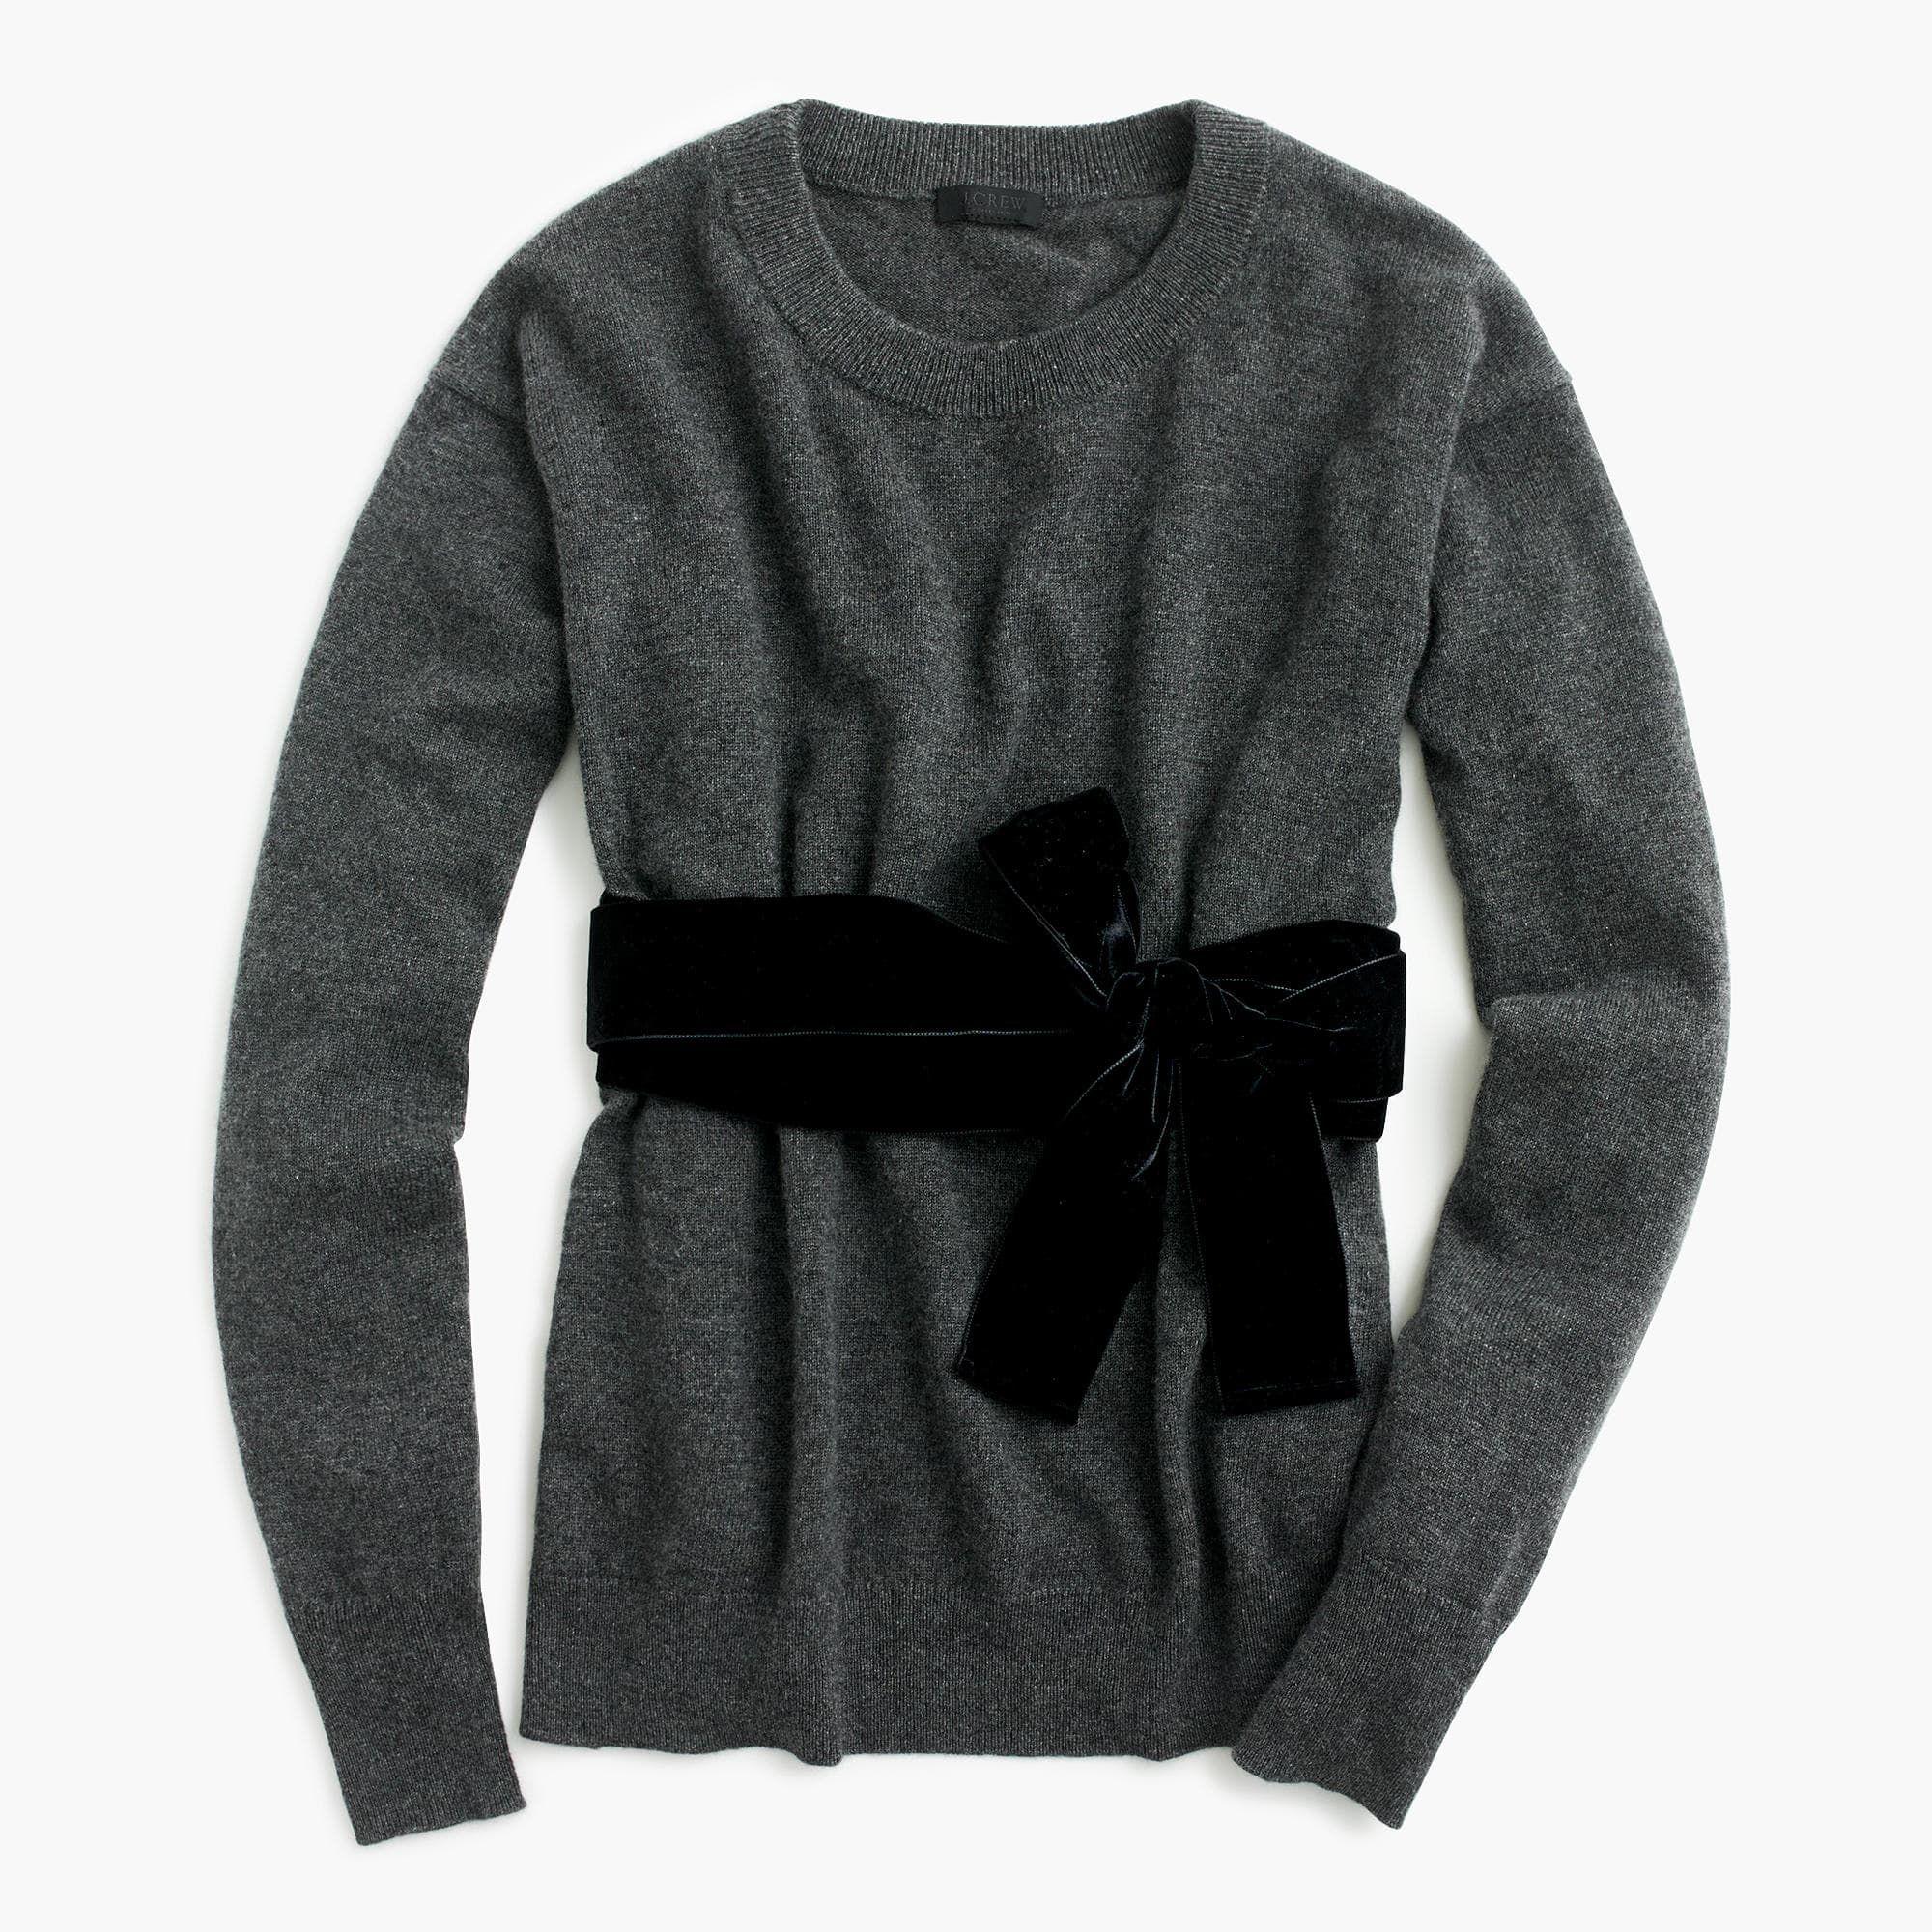 J.Crew Womens Crewneck Sweater With Velvet Sash In Everyday ...